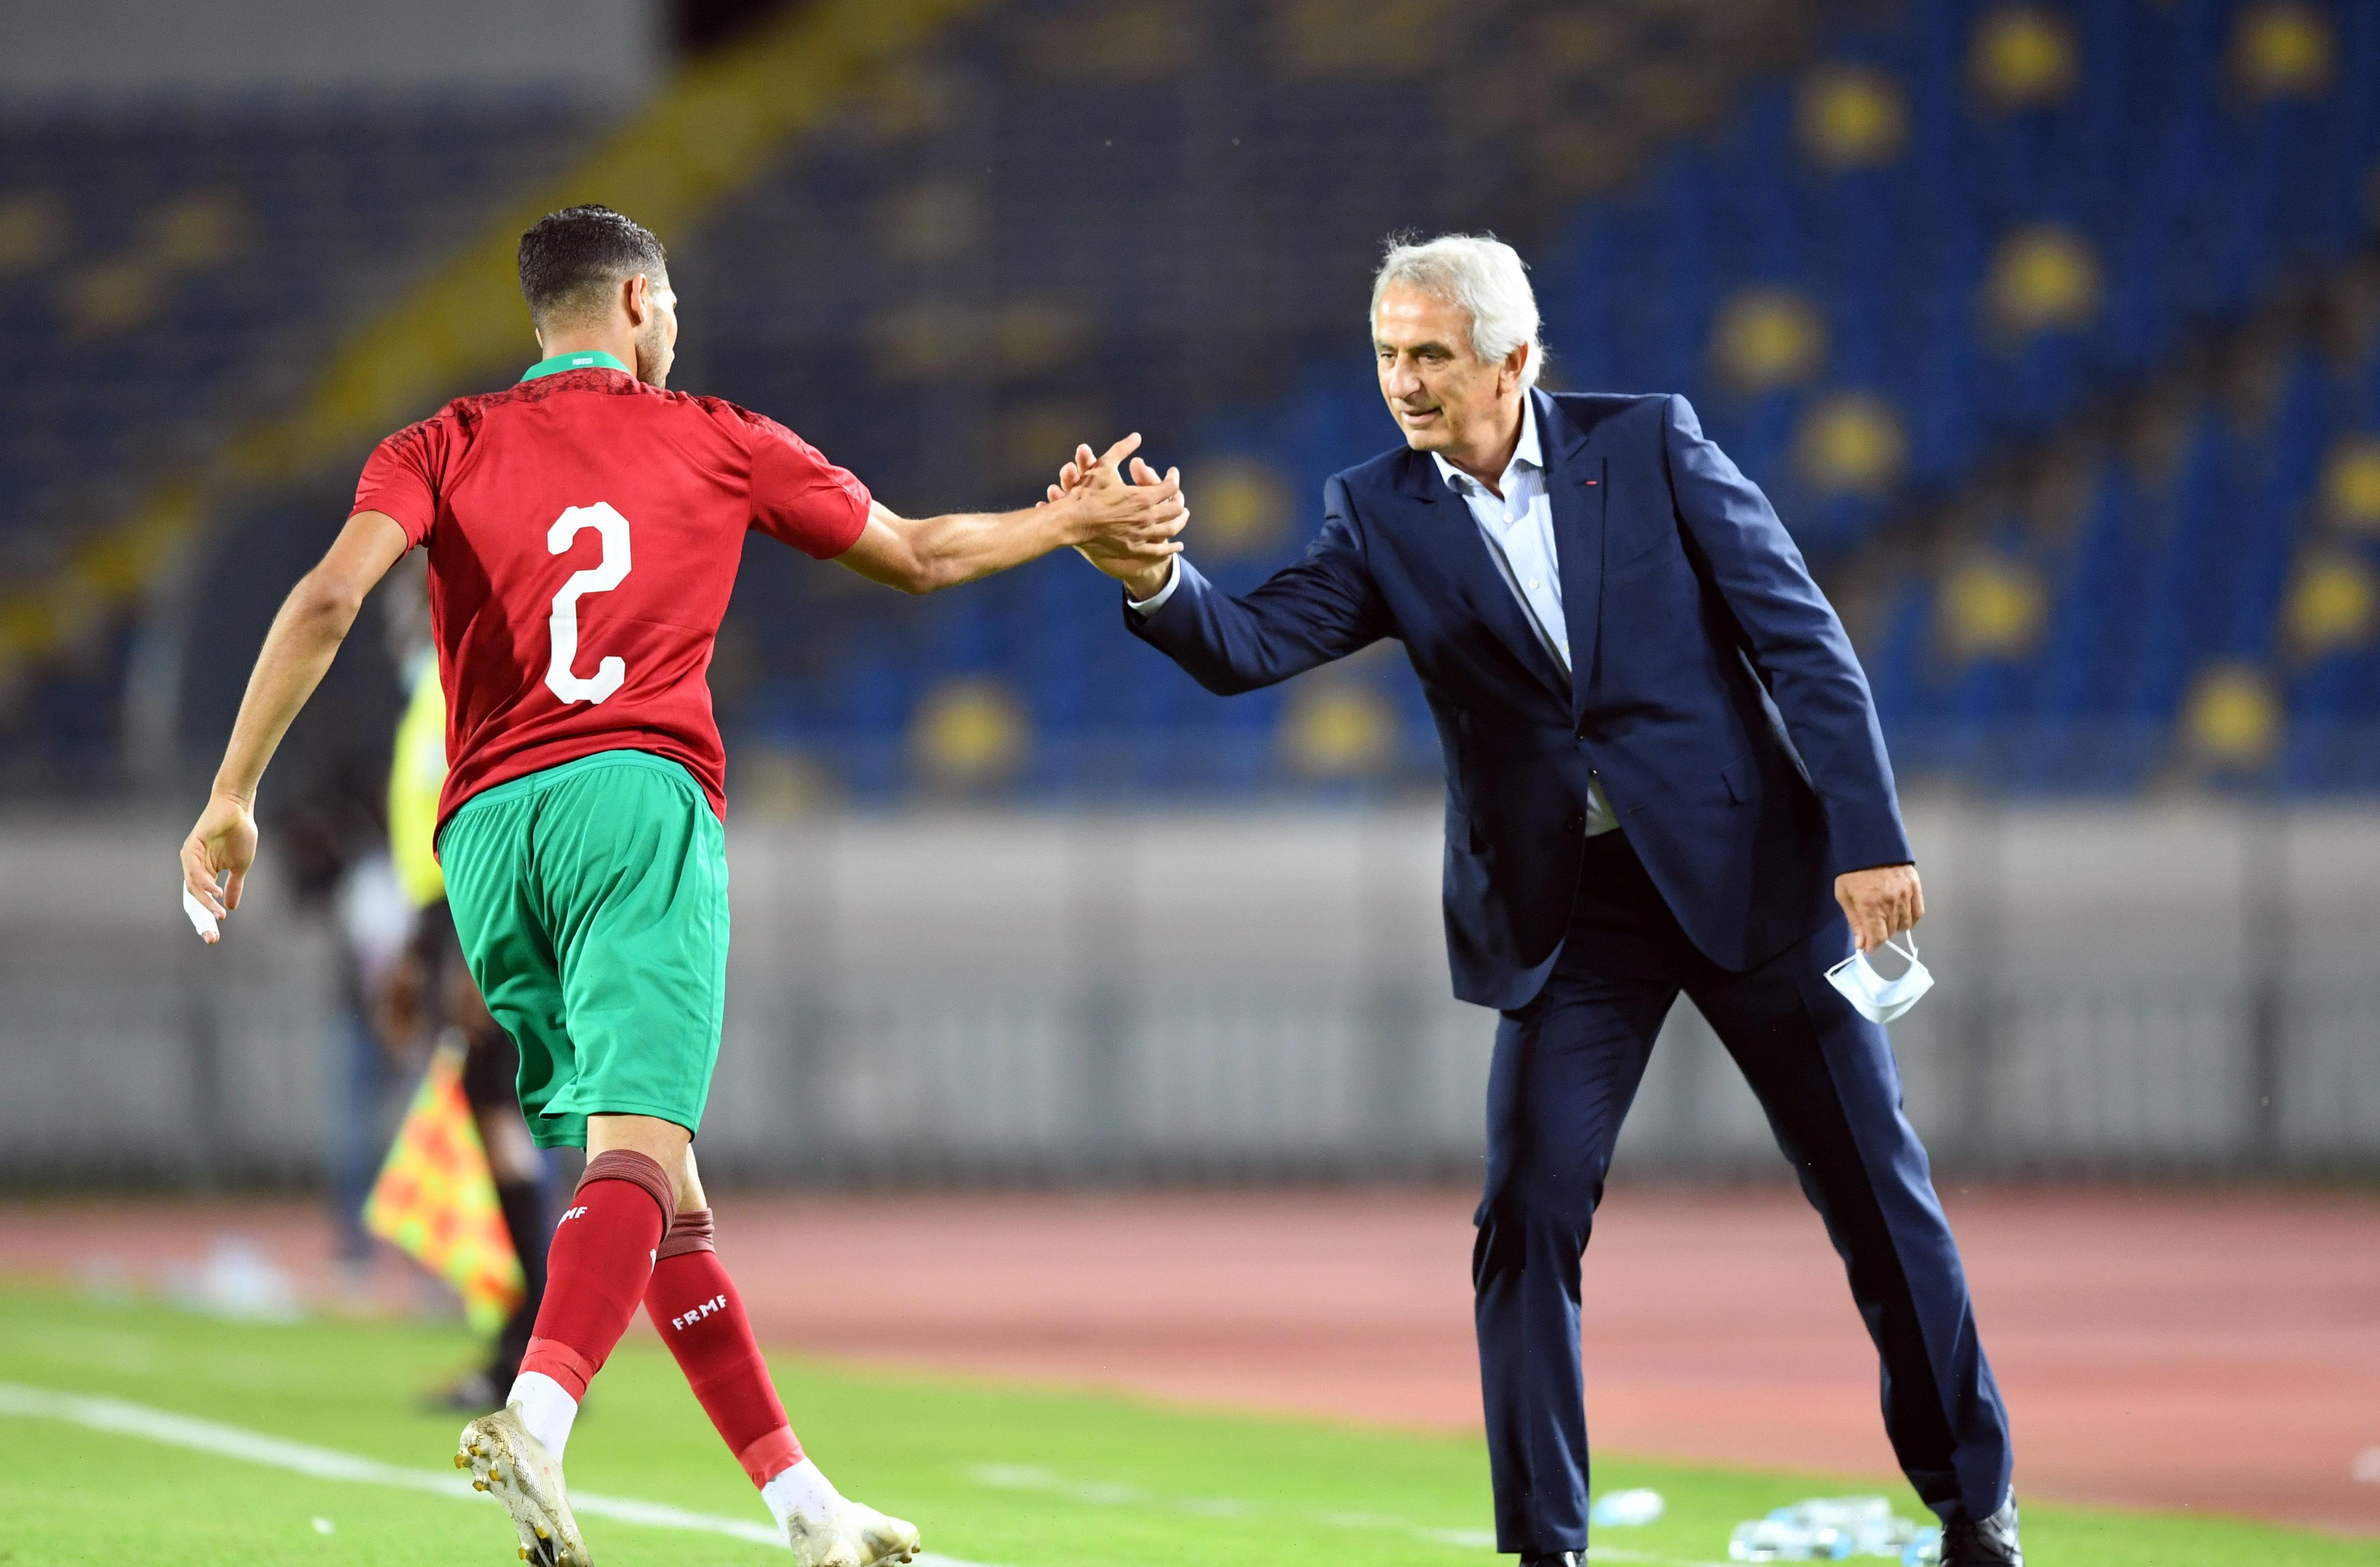 Eliminatoires CAN-2021 (3ème journée/Gr.E) :  Le Maroc s'empare de la tête du groupe en battant largement la Centrafricaine (4-1)